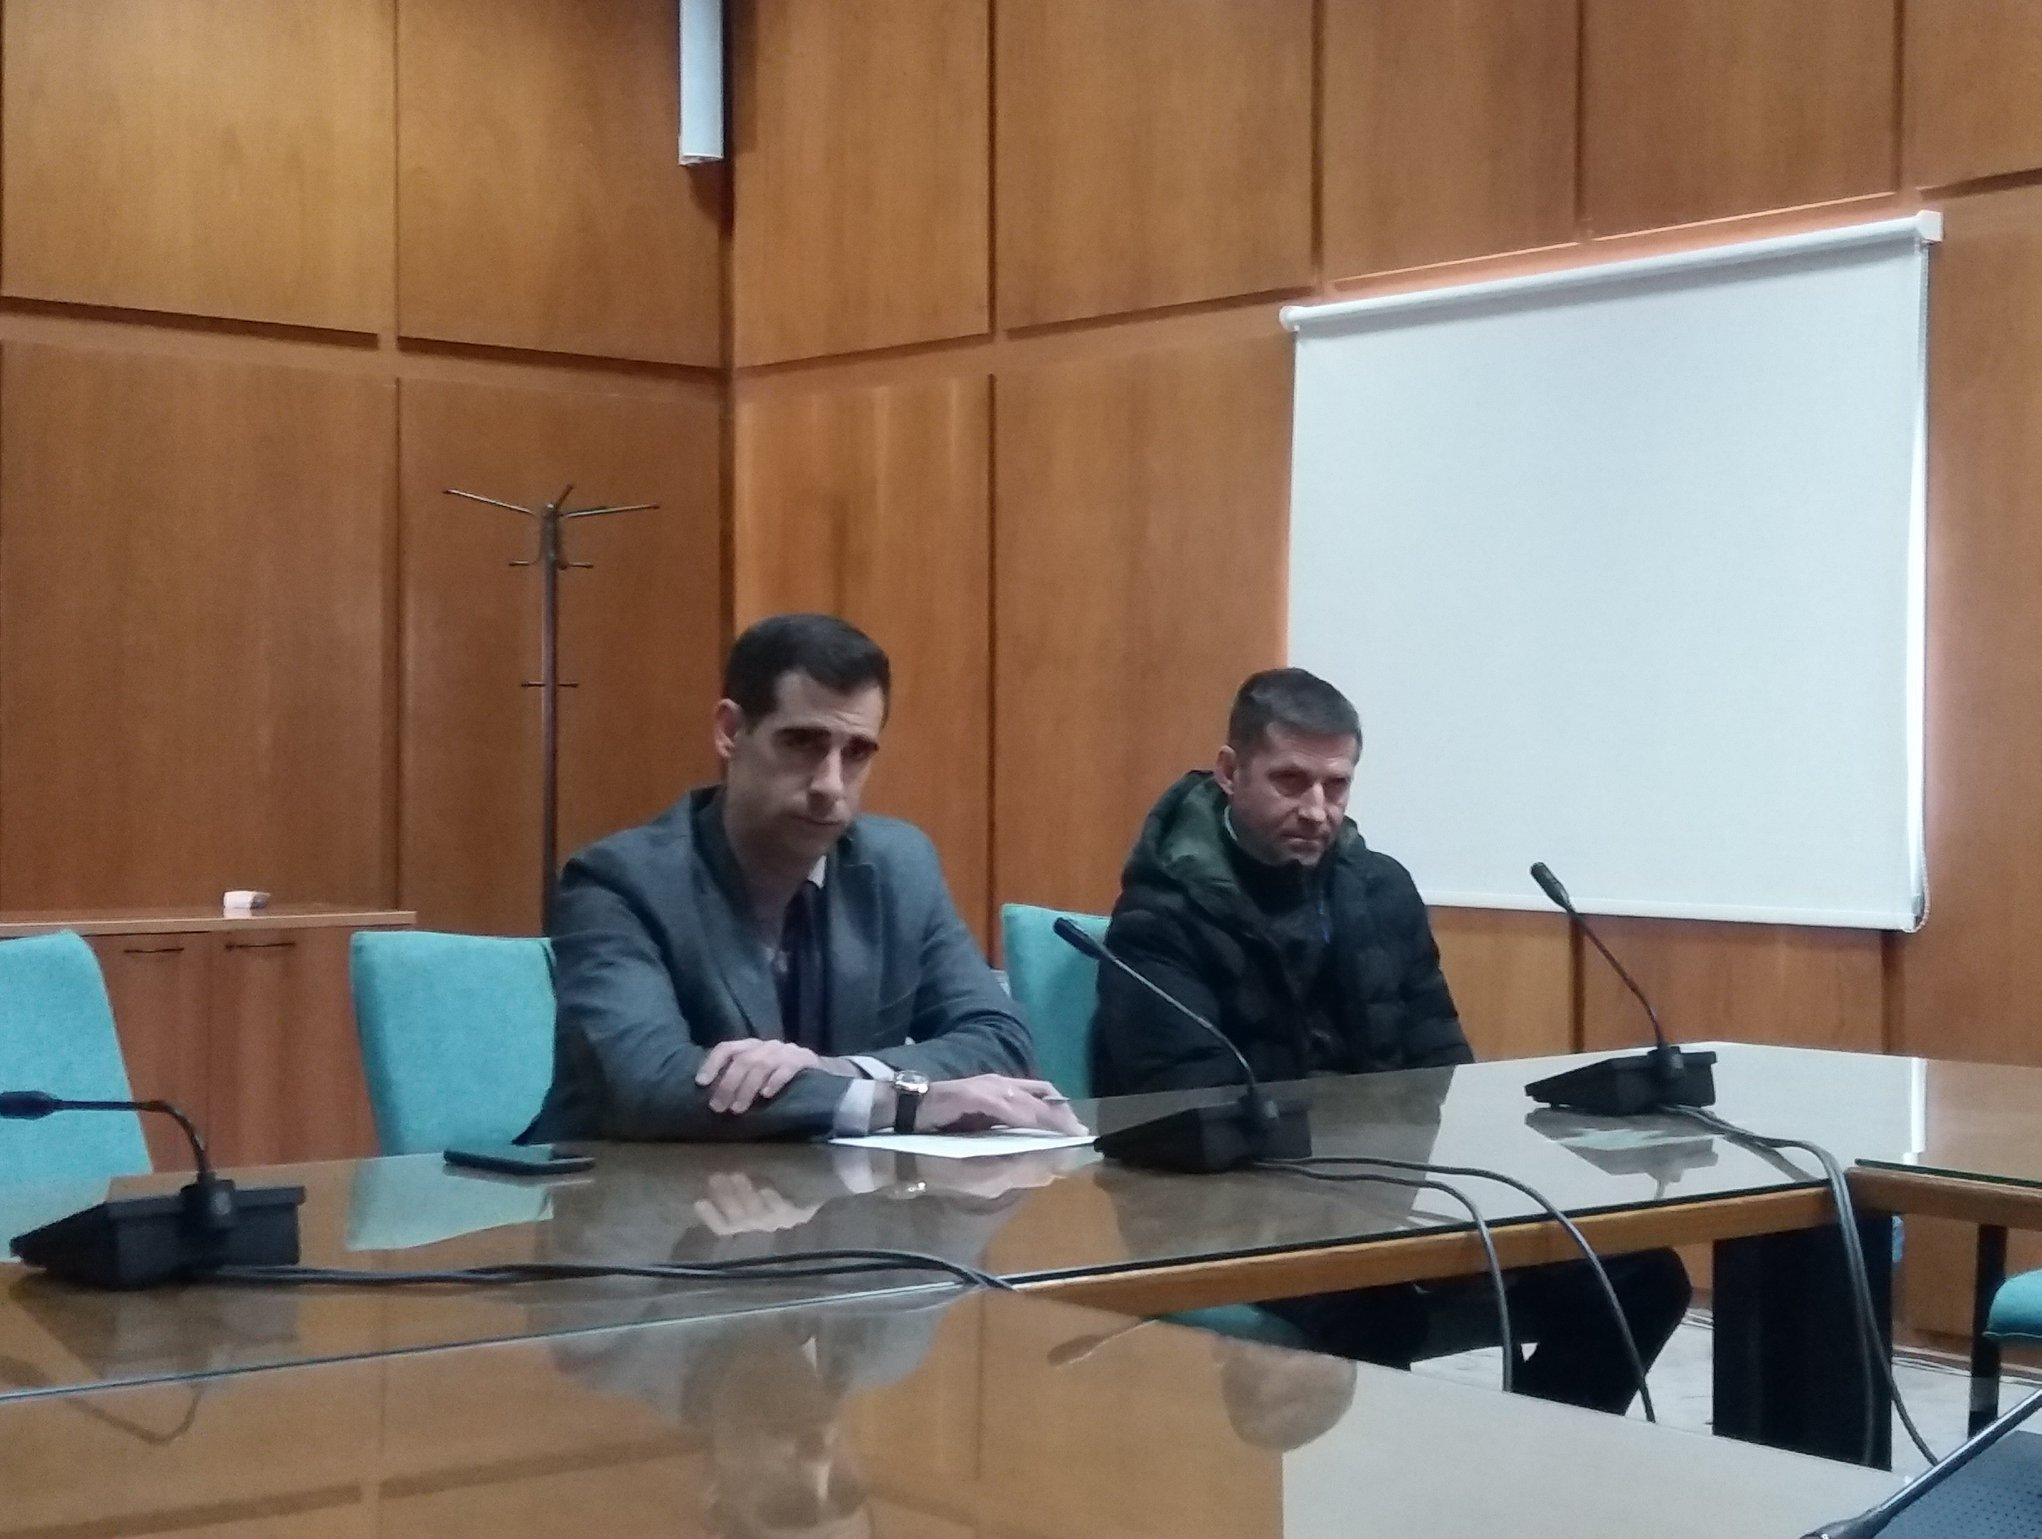 Πύργος: Υπηρεσιακή σύσκεψη Αντιπεριφερειάρχη Π.Ε. Ηλείας με Διευθυντές και Προϊσταμένους Τμημάτων για εφαρμογή των μέτρων περιορισμού μετάδοσης του κορωνοϊού